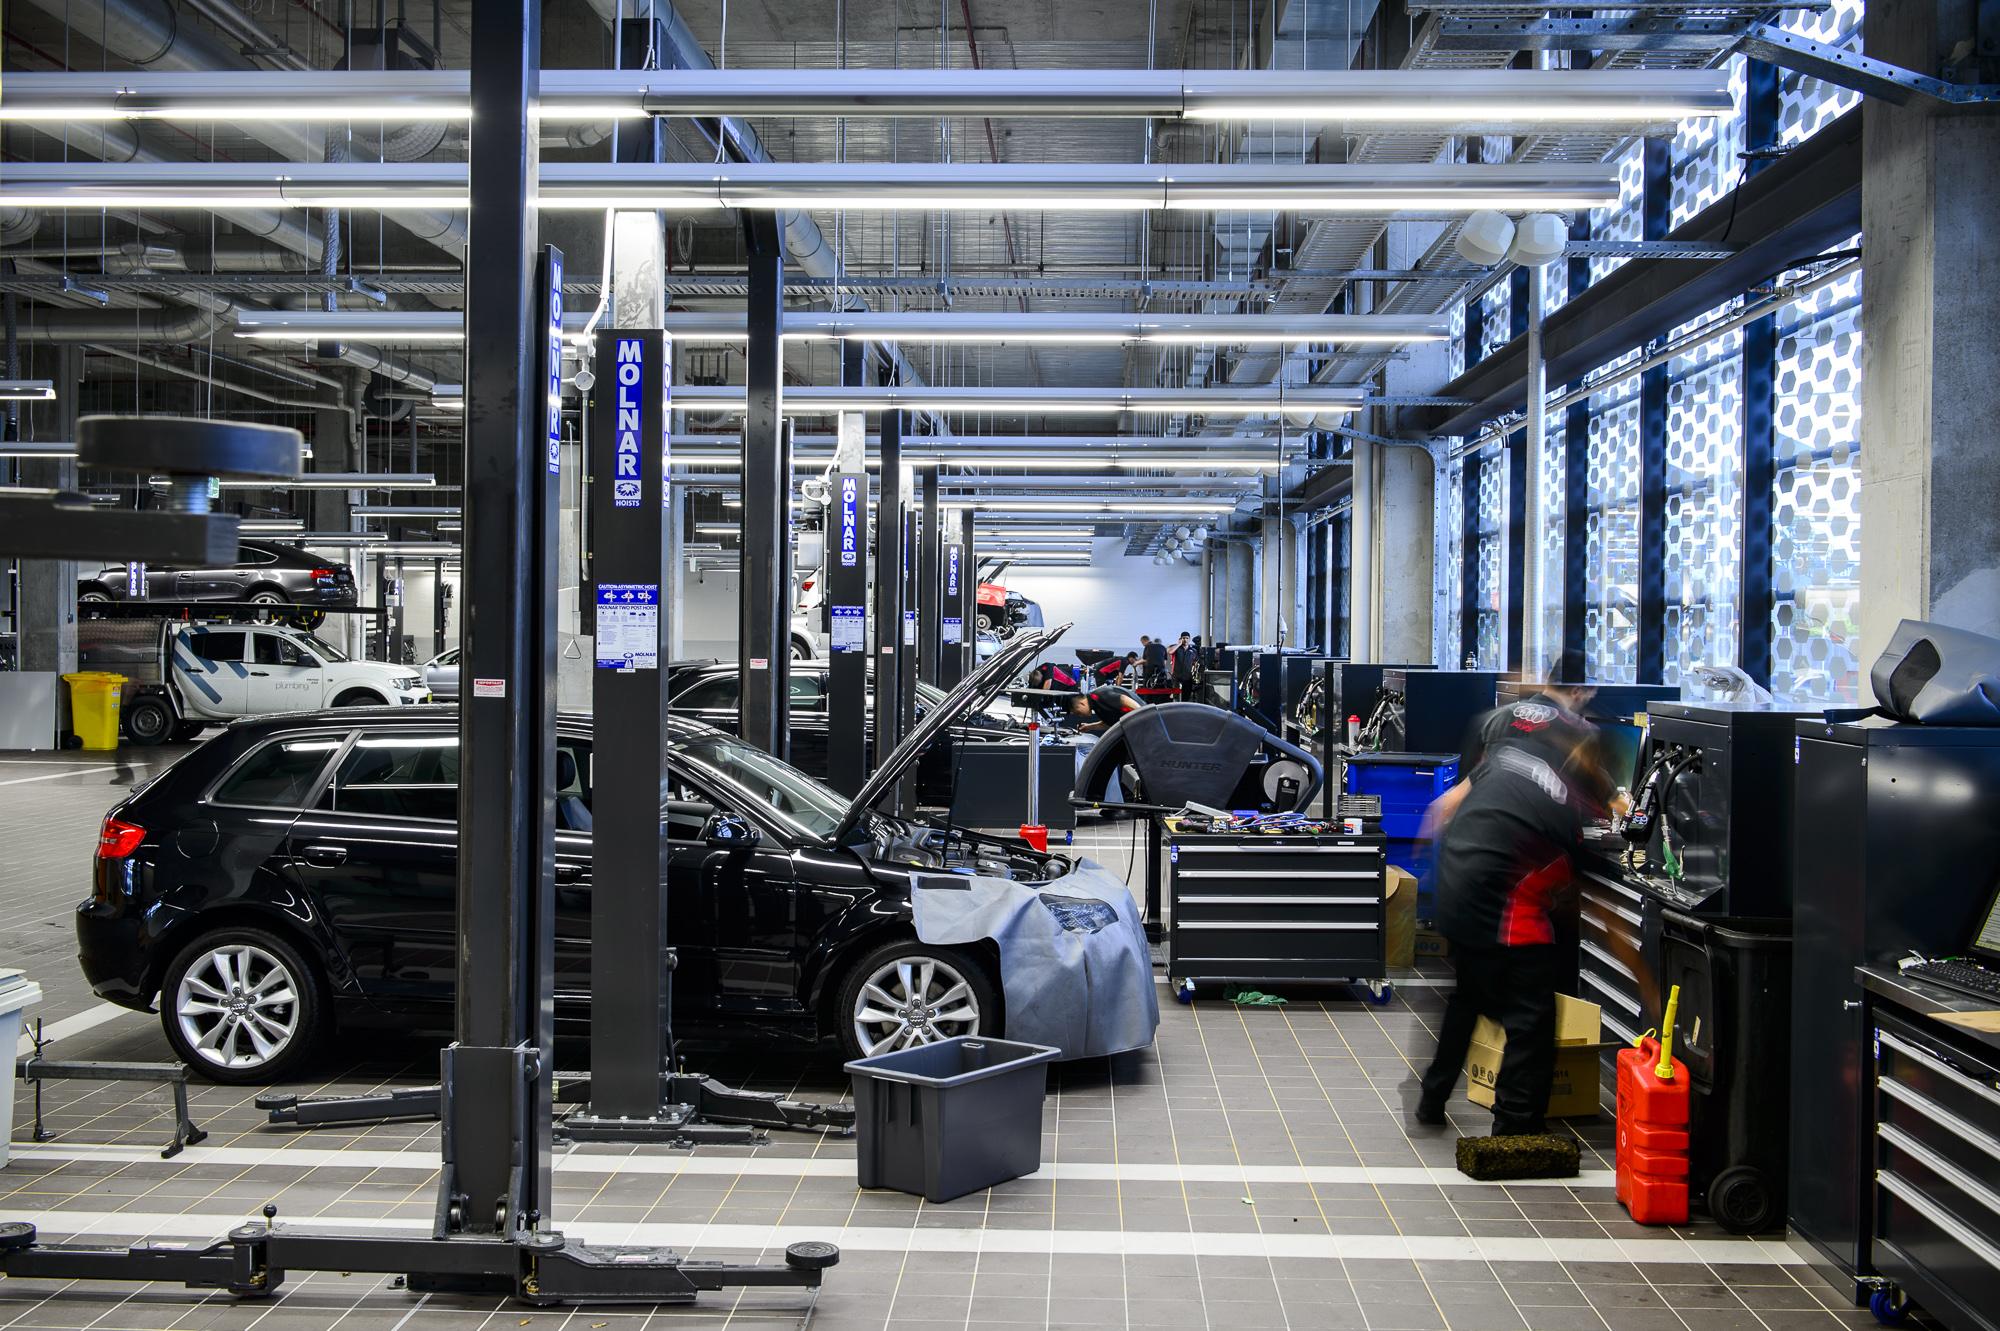 Audi_ACSydney_DLPhotography_201014_0114.jpg